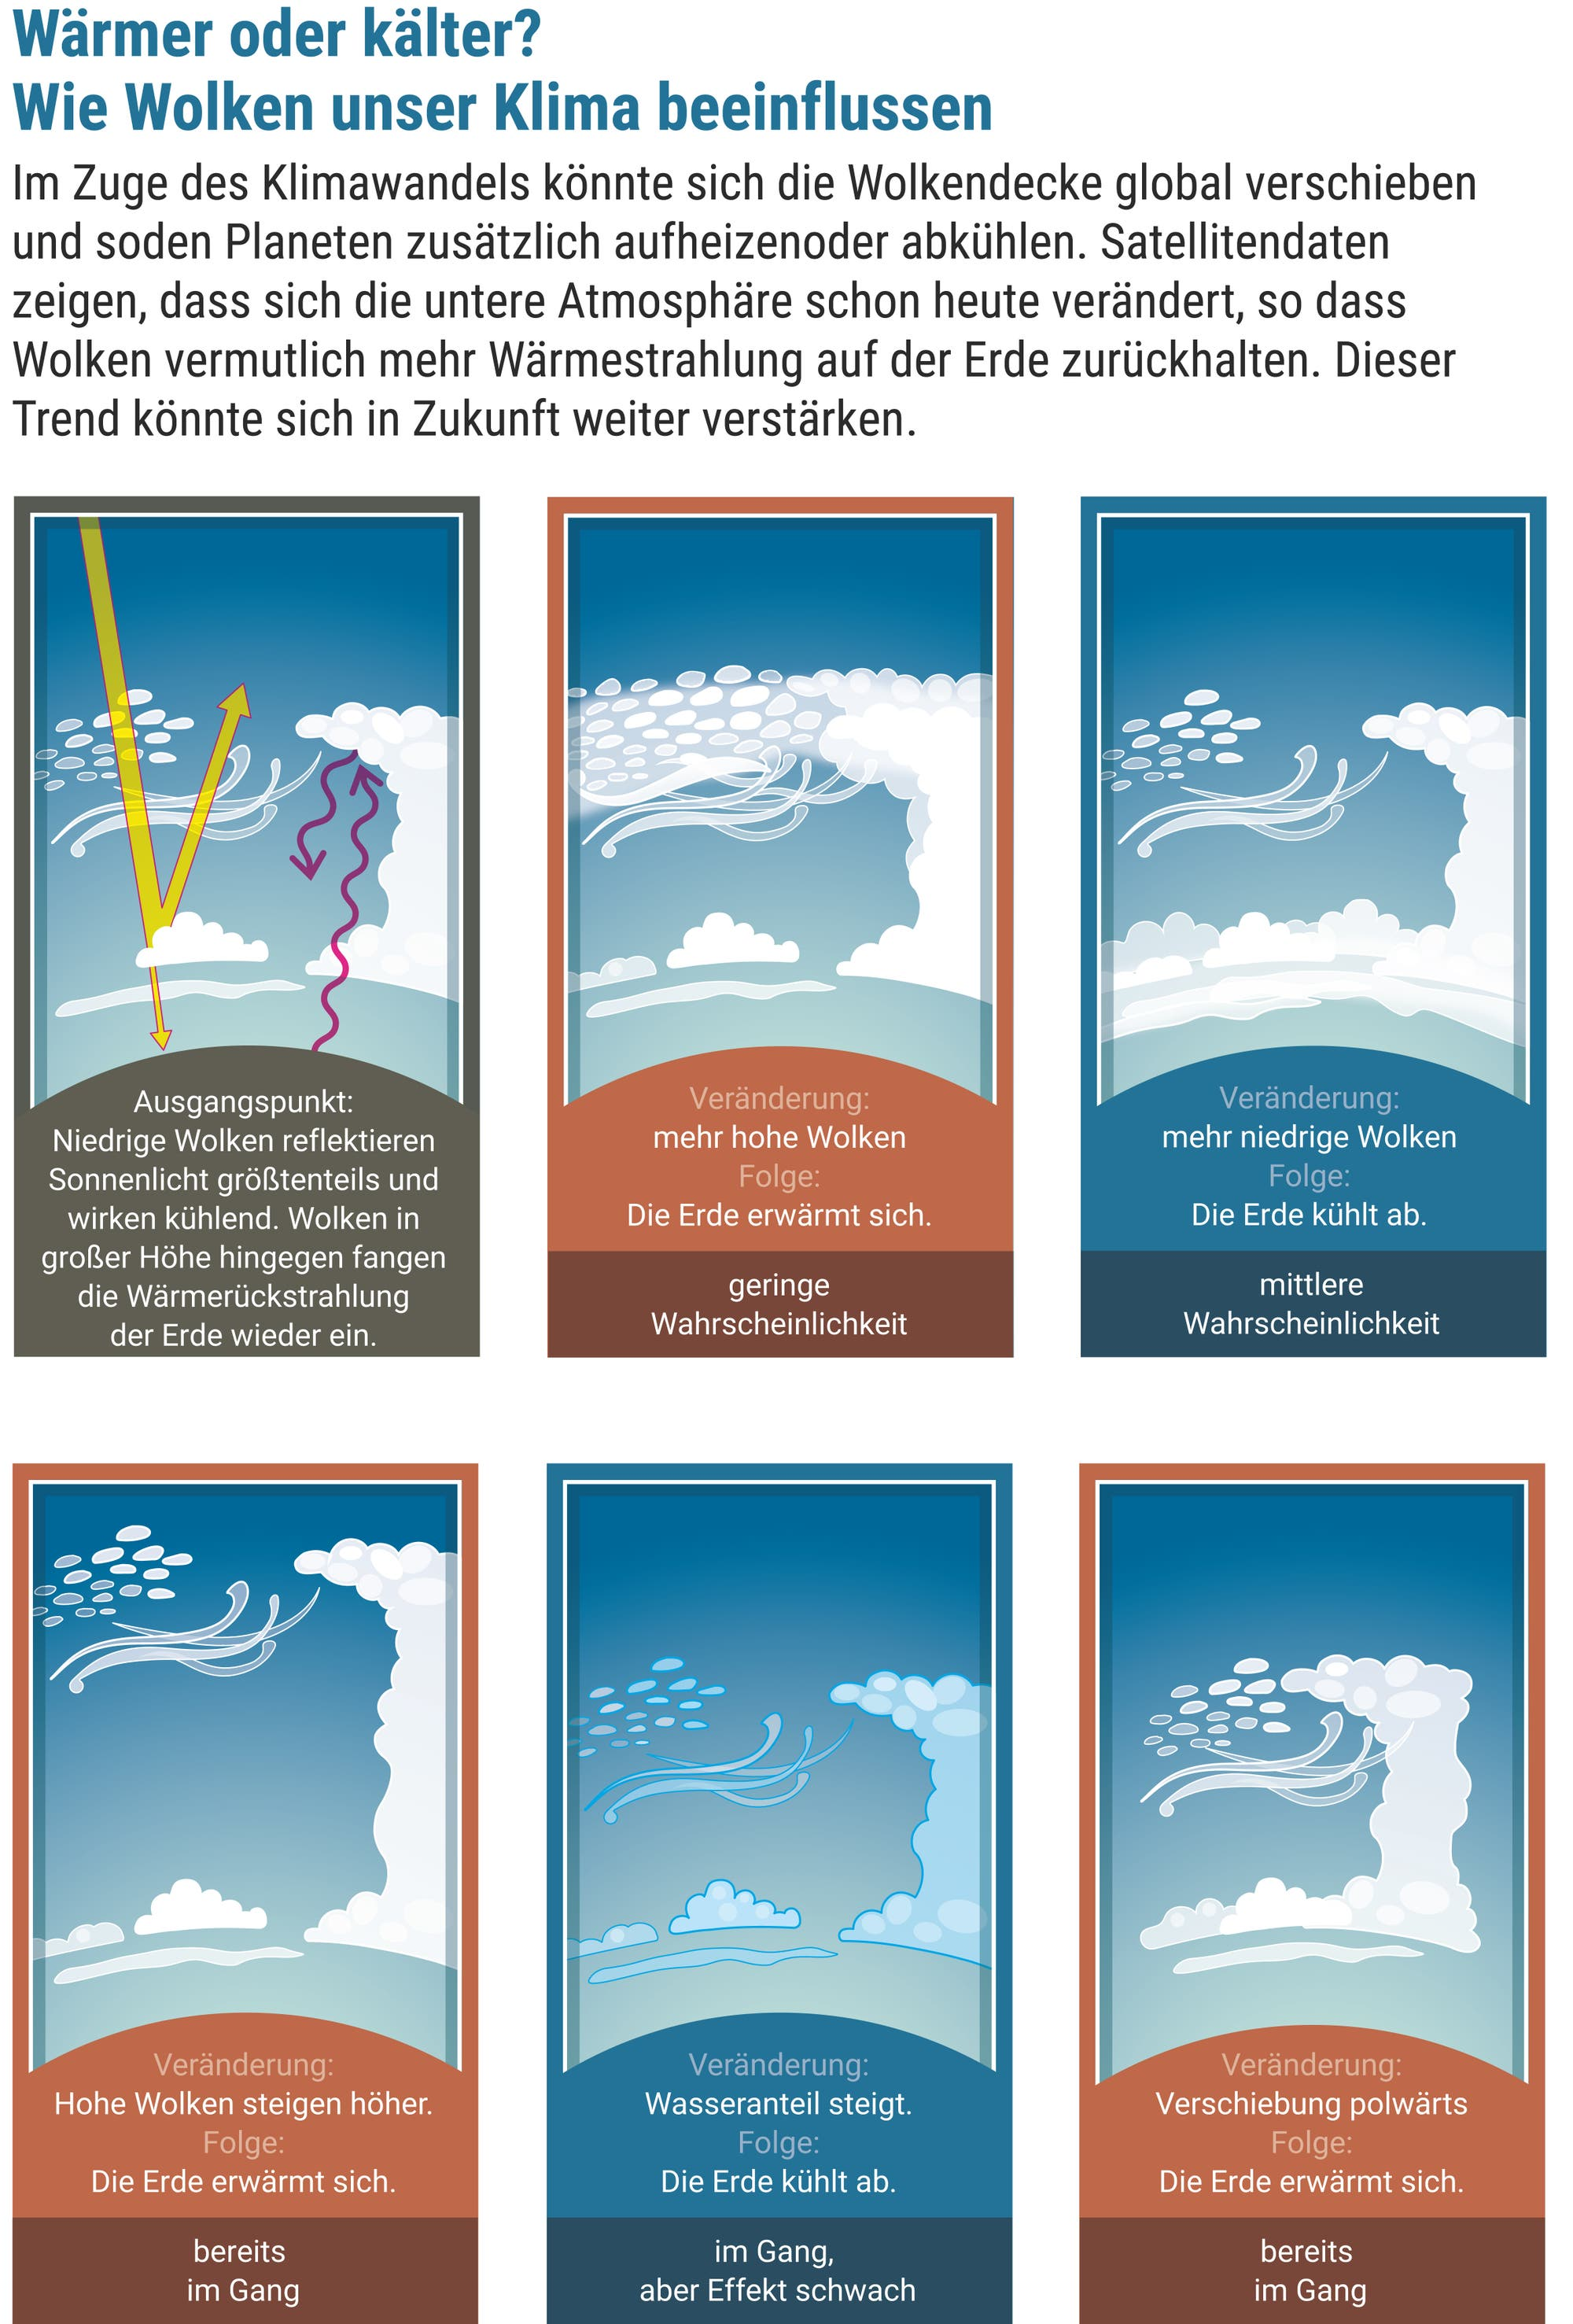 Wärmer oder kälter? Wie Wolken unser Klima beeinflussen